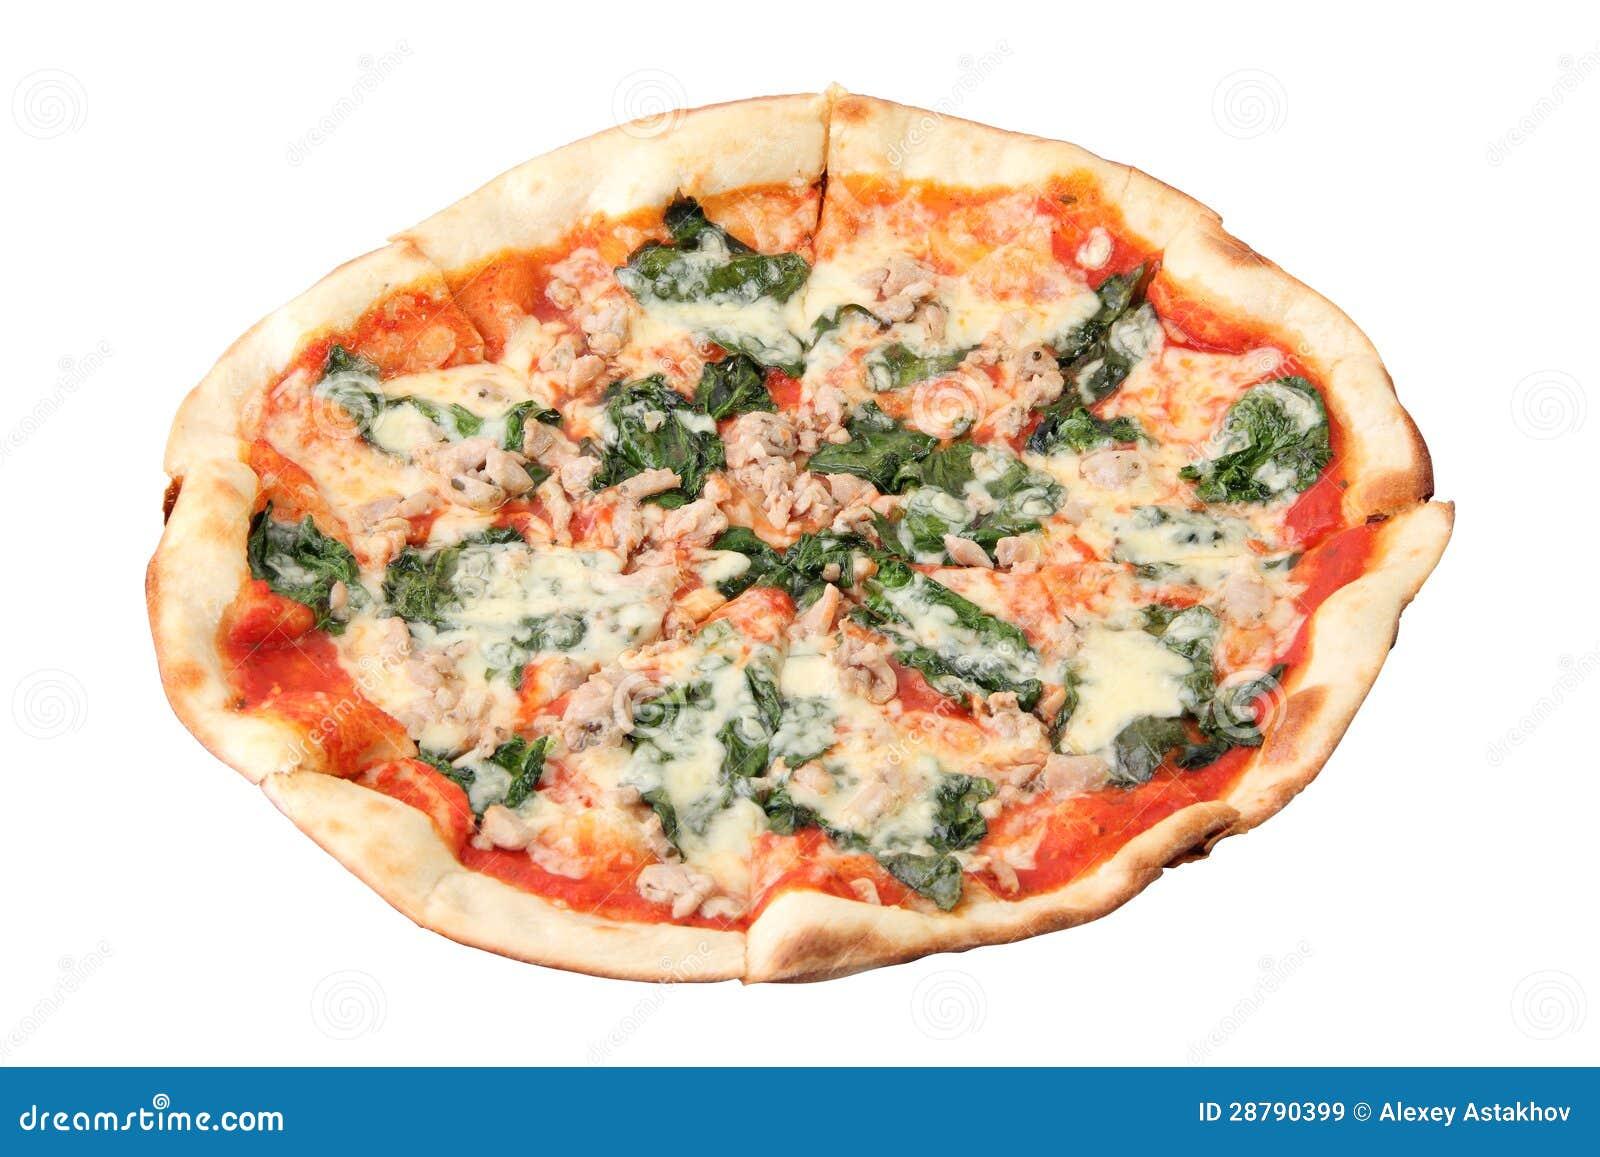 Pizza Met Kip En Spinazie Stock Afbeelding Afbeelding Bestaande Uit